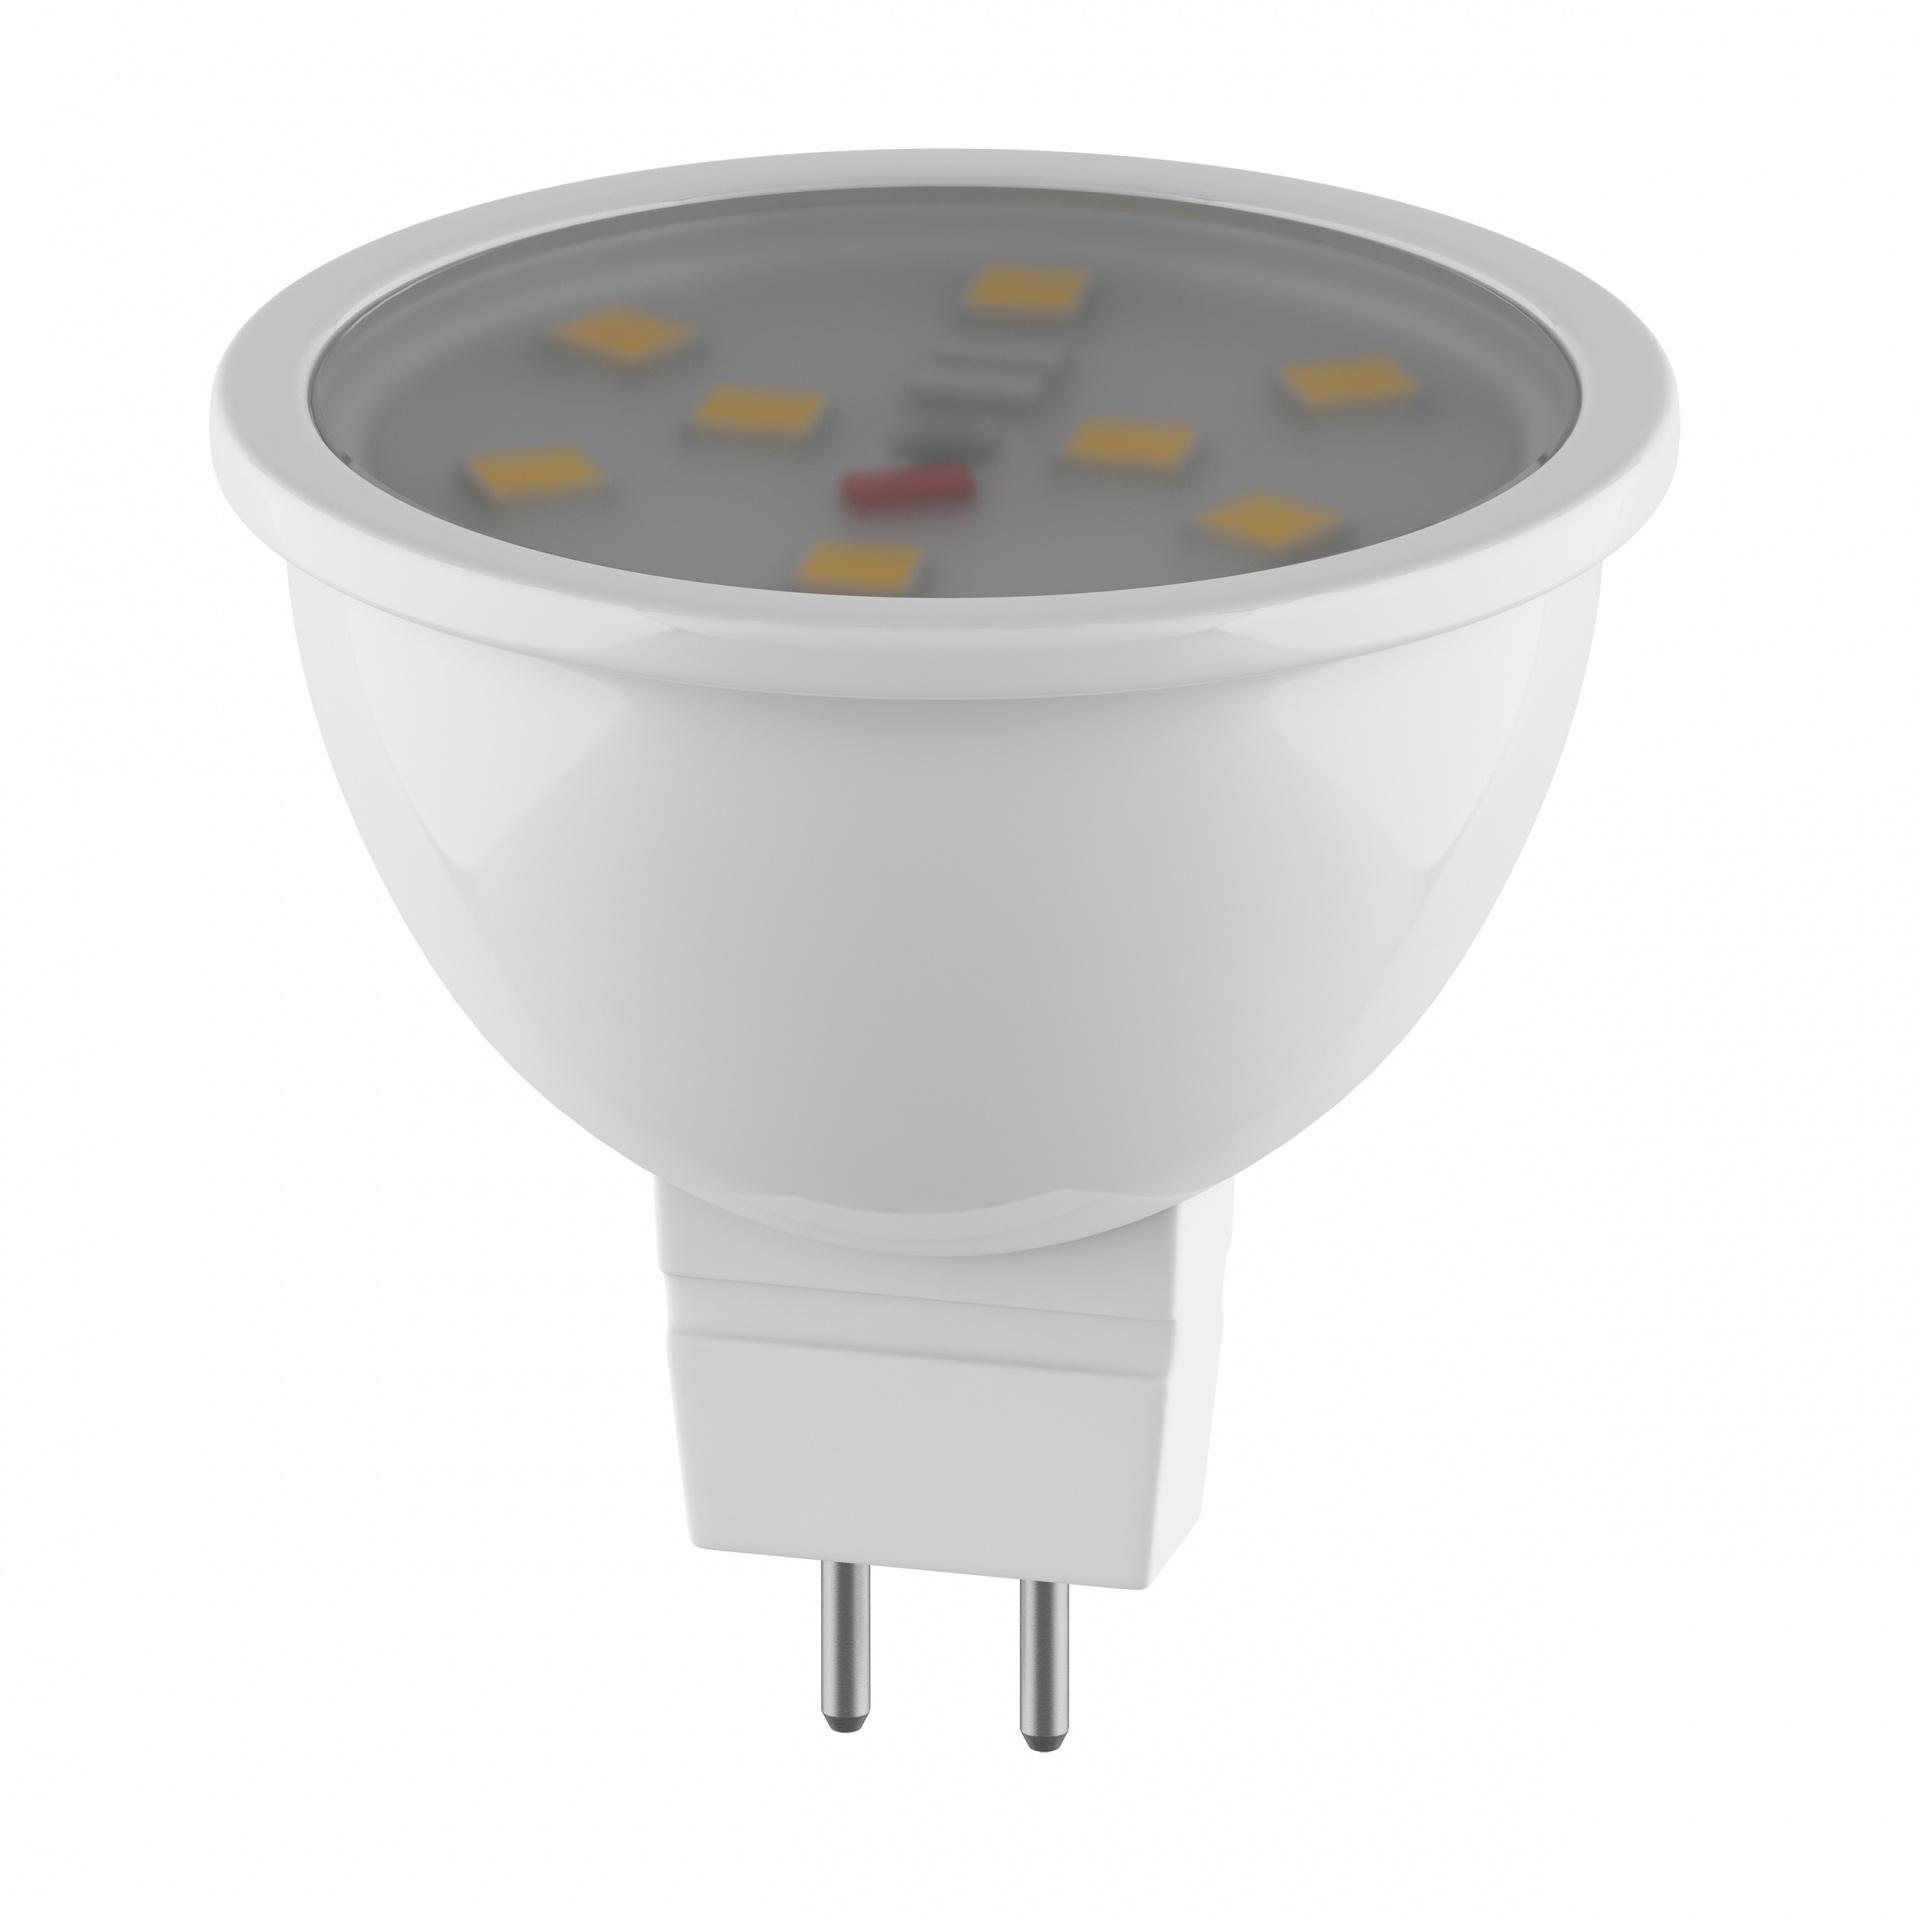 Светодиодная LED лампа G5.3, 220V MR11 3W - 4000K, Lightstar 940904, купить в СПб, Москве, с доставкой, Санкт-Петербург, интернет-магазин люстр и светильников Starlight, фото в жизни